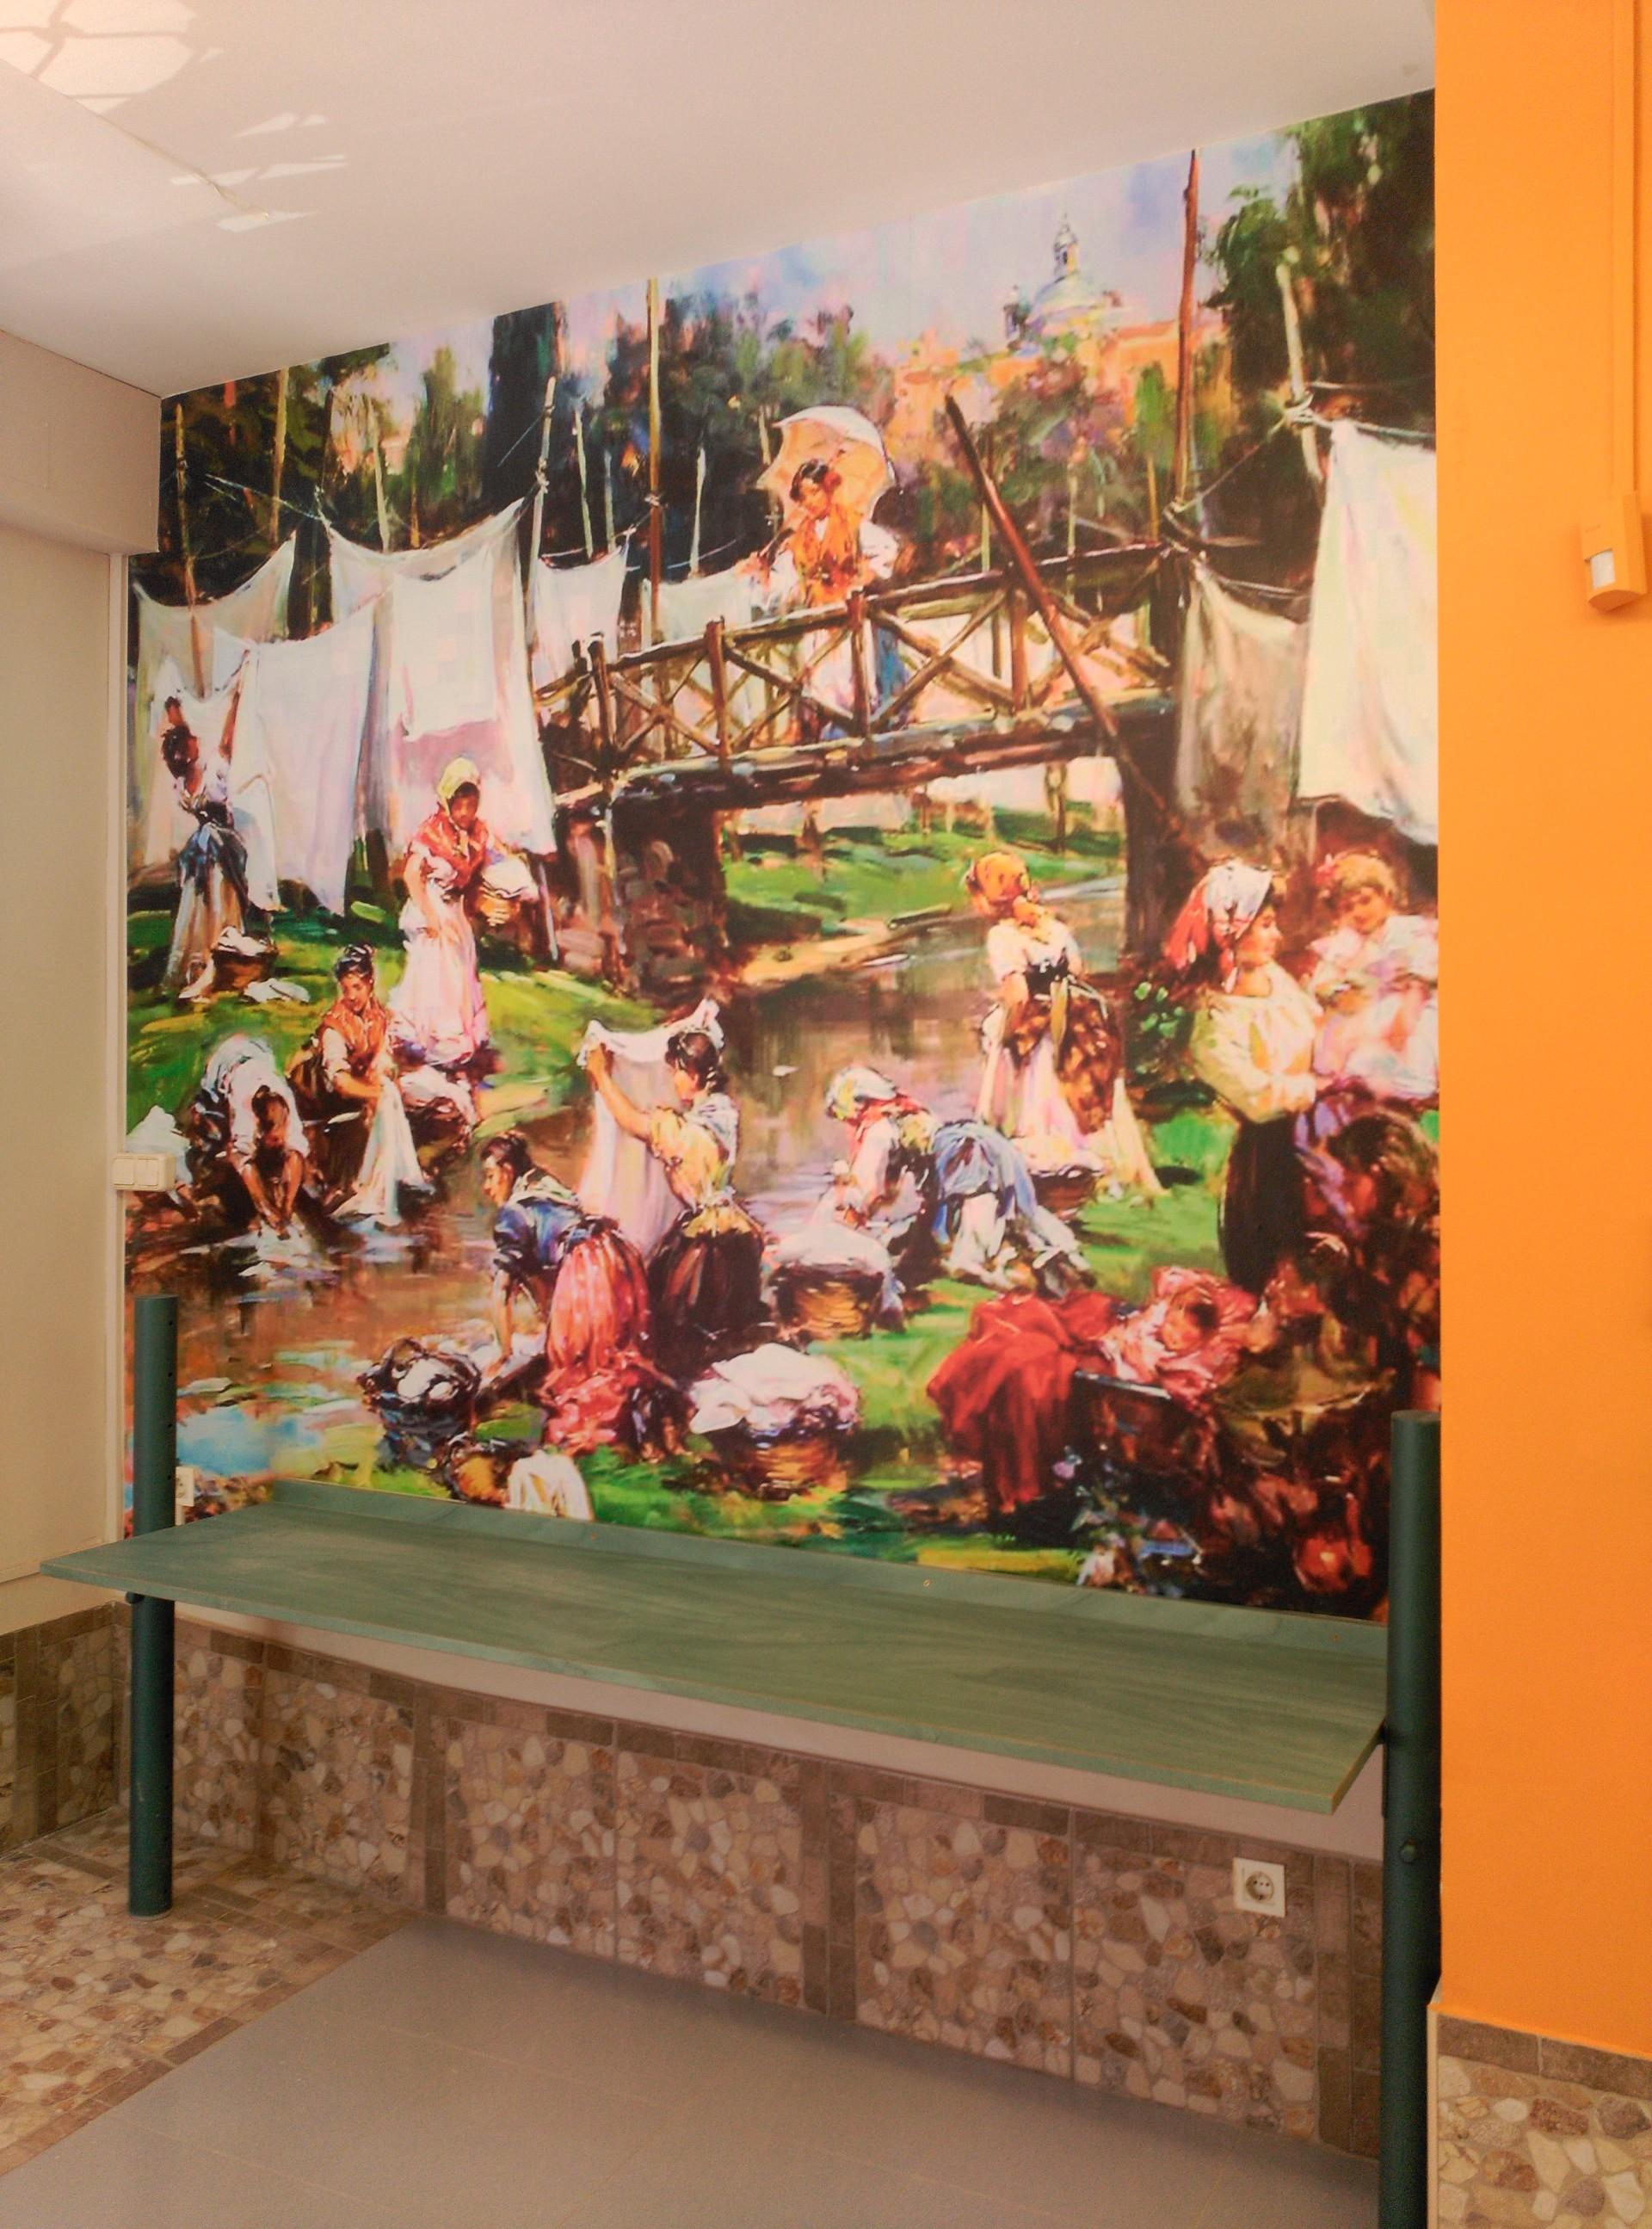 lavandería_lavanderas_decoración_interior_mural